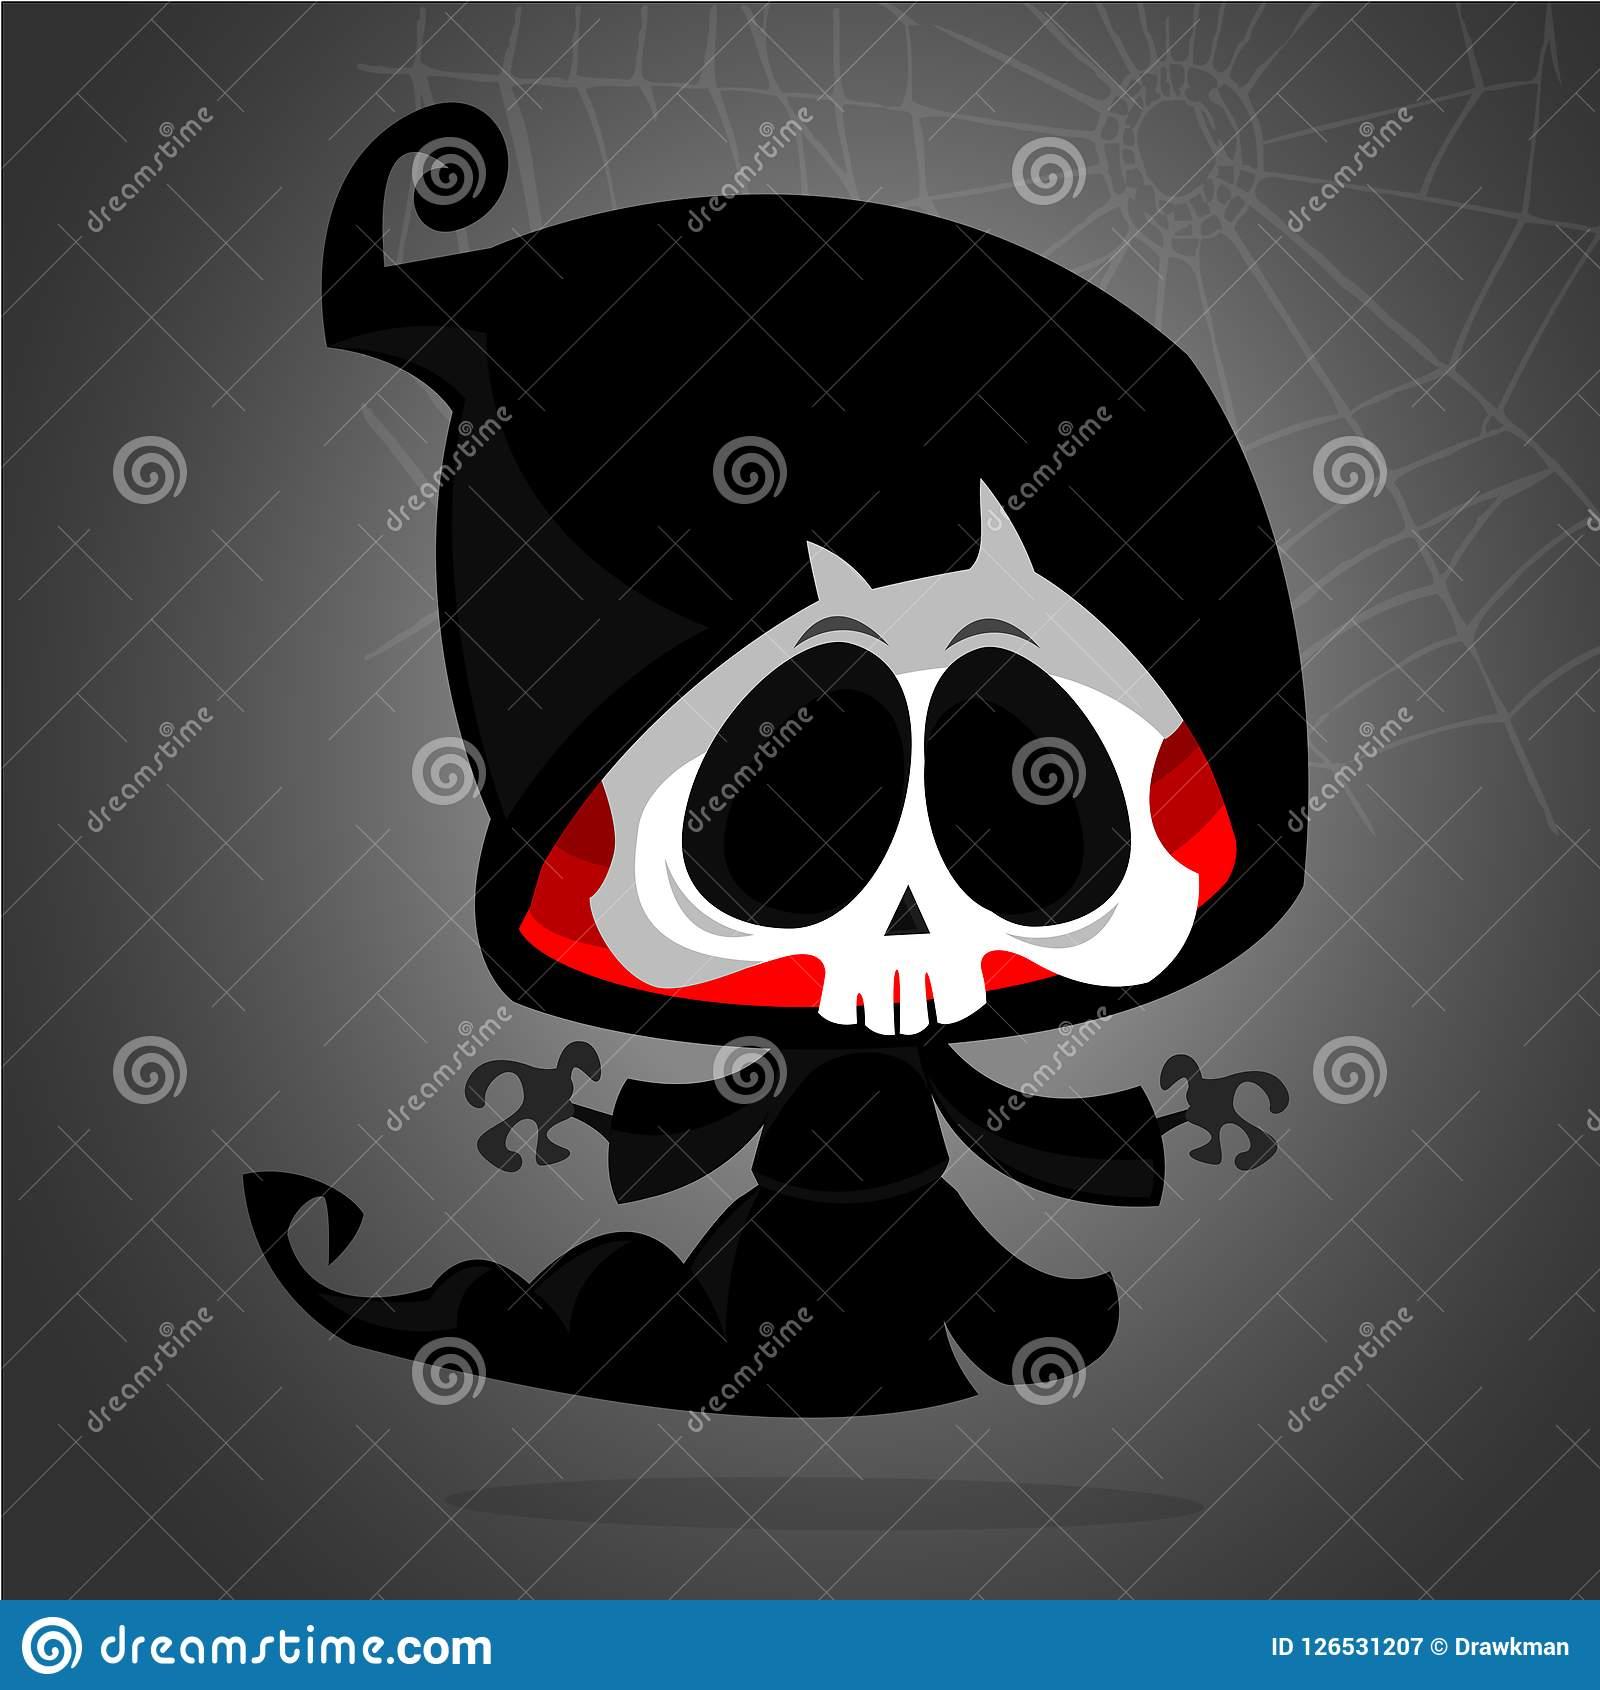 Cute Cartoon Grim Reaper Cartoon Clipart. Stock Vector.